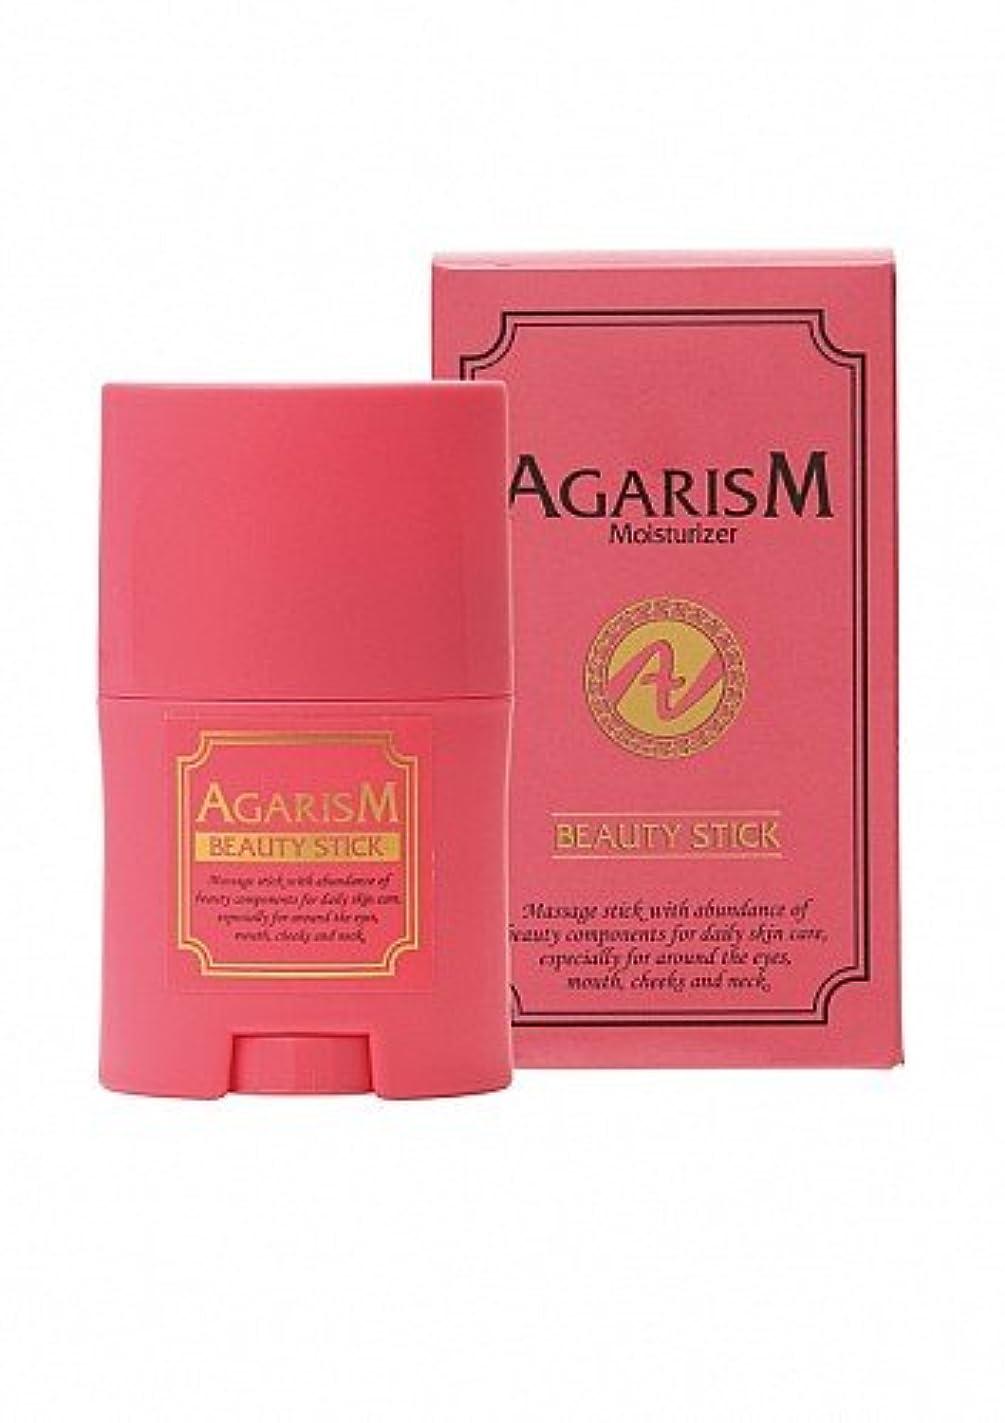 返還相談悪用AGARISM モイスチャライザー アガリズム 小顔ローラー 美容クリーム むくみ防止 保湿 引き締め成分 天然オイル配合